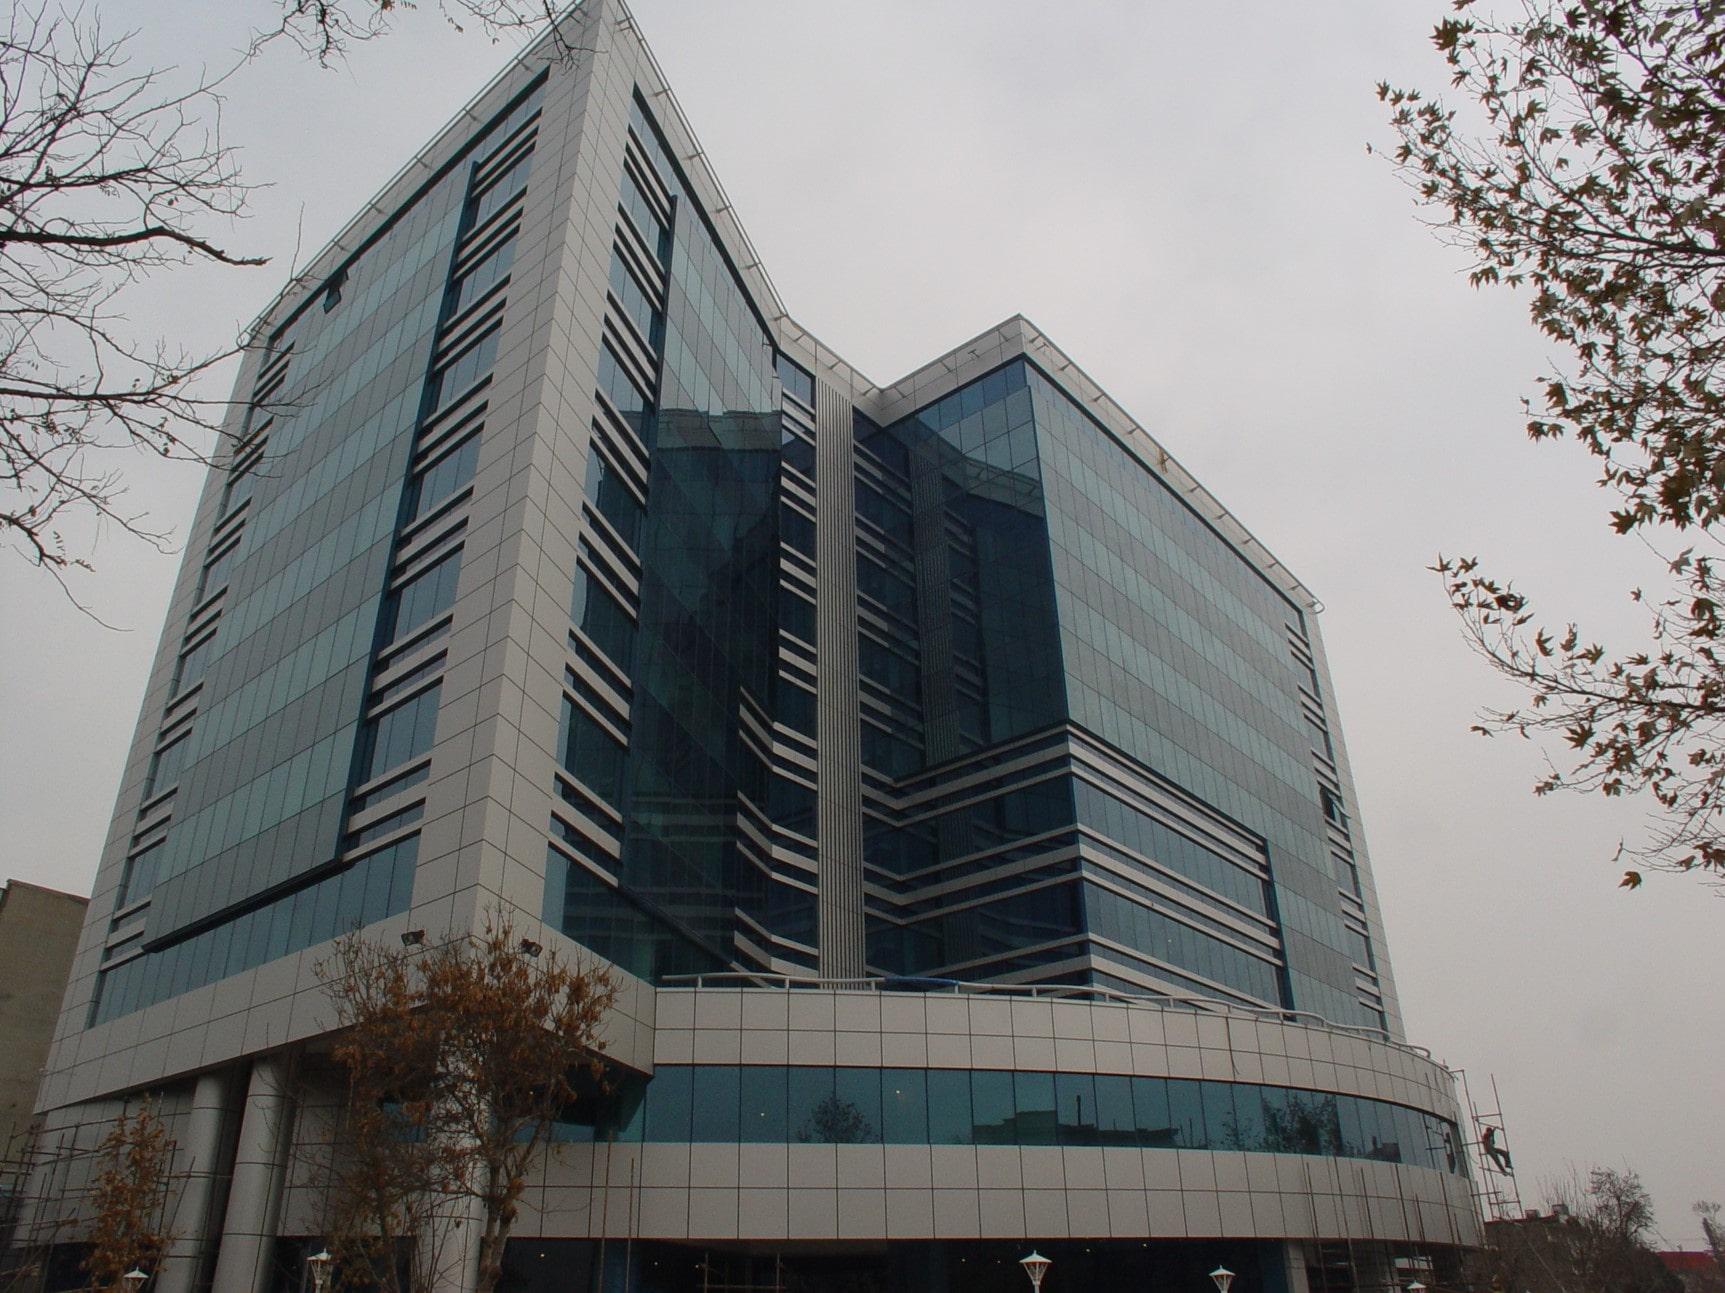 تصویر اجرا شده از نمای شیشه ای در مشهد